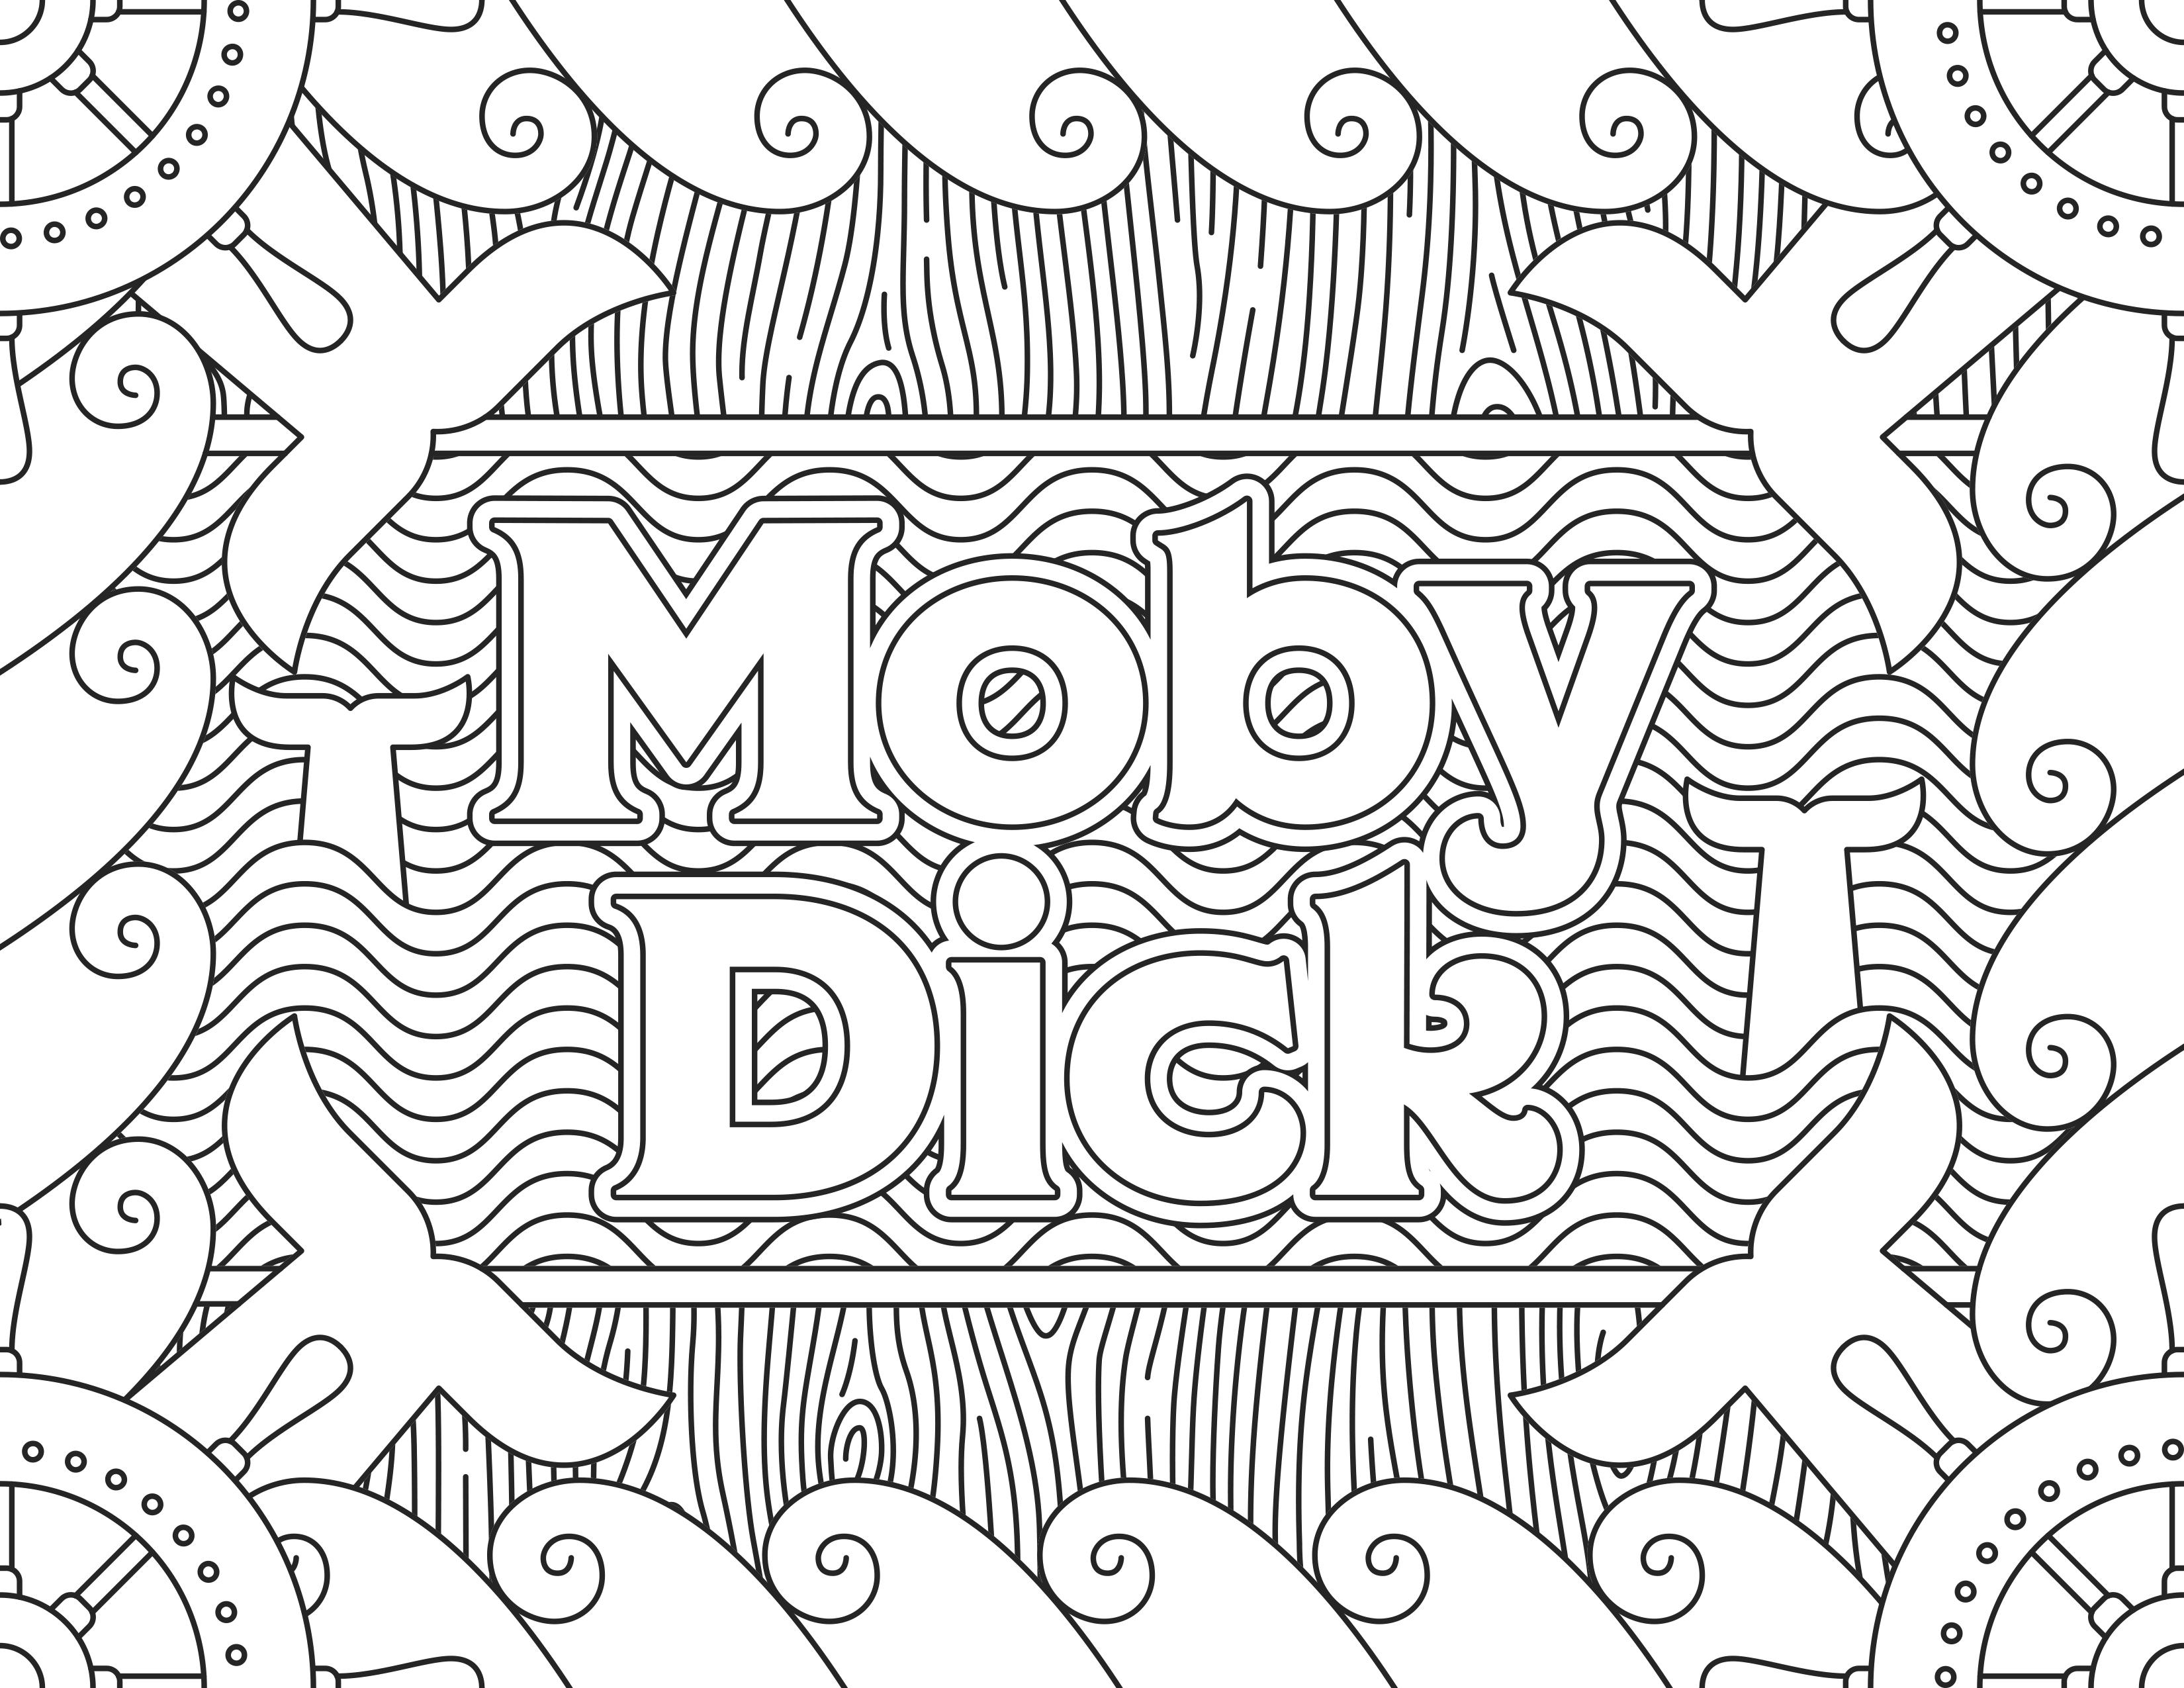 Coloriage inspiré du film 'Moby Dick', pour le site Readers.com.